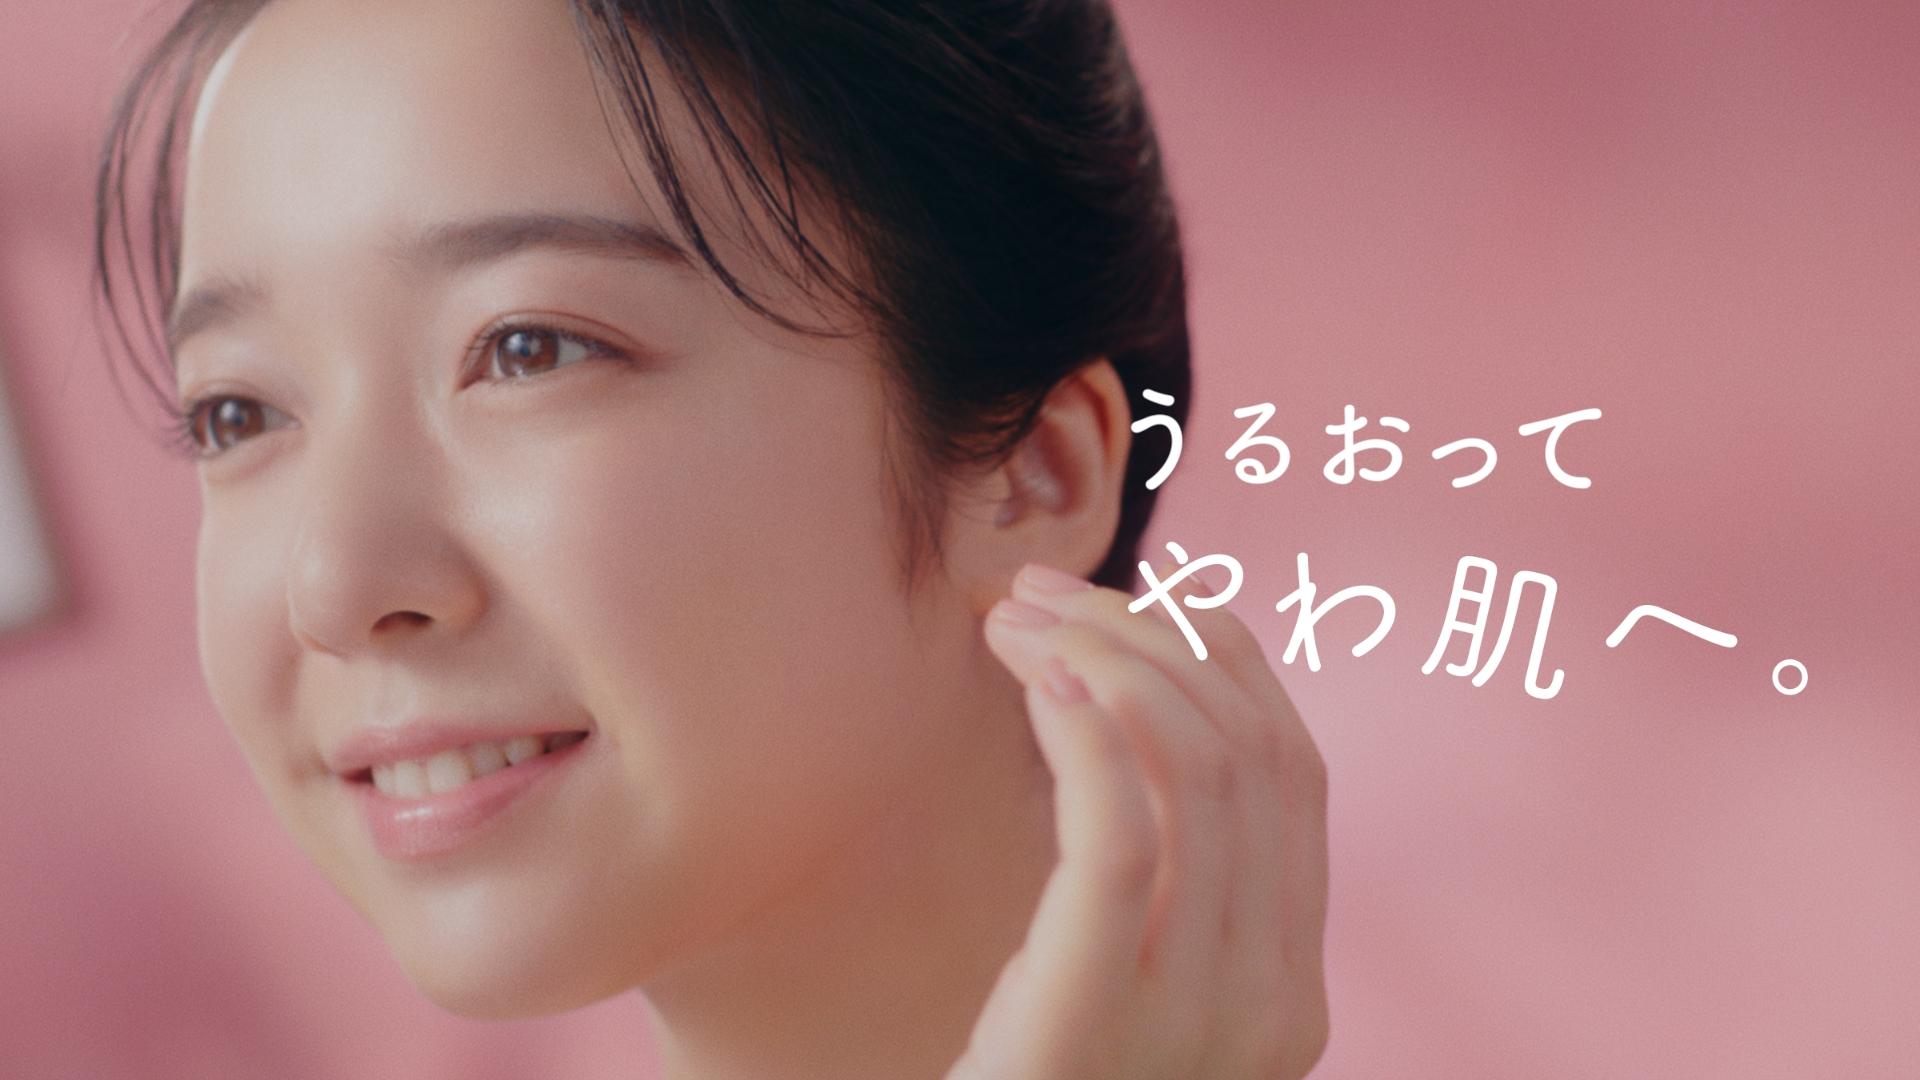 上白石さん演じる、布製品を扱う専門商社に勤める入社6年目の会社員